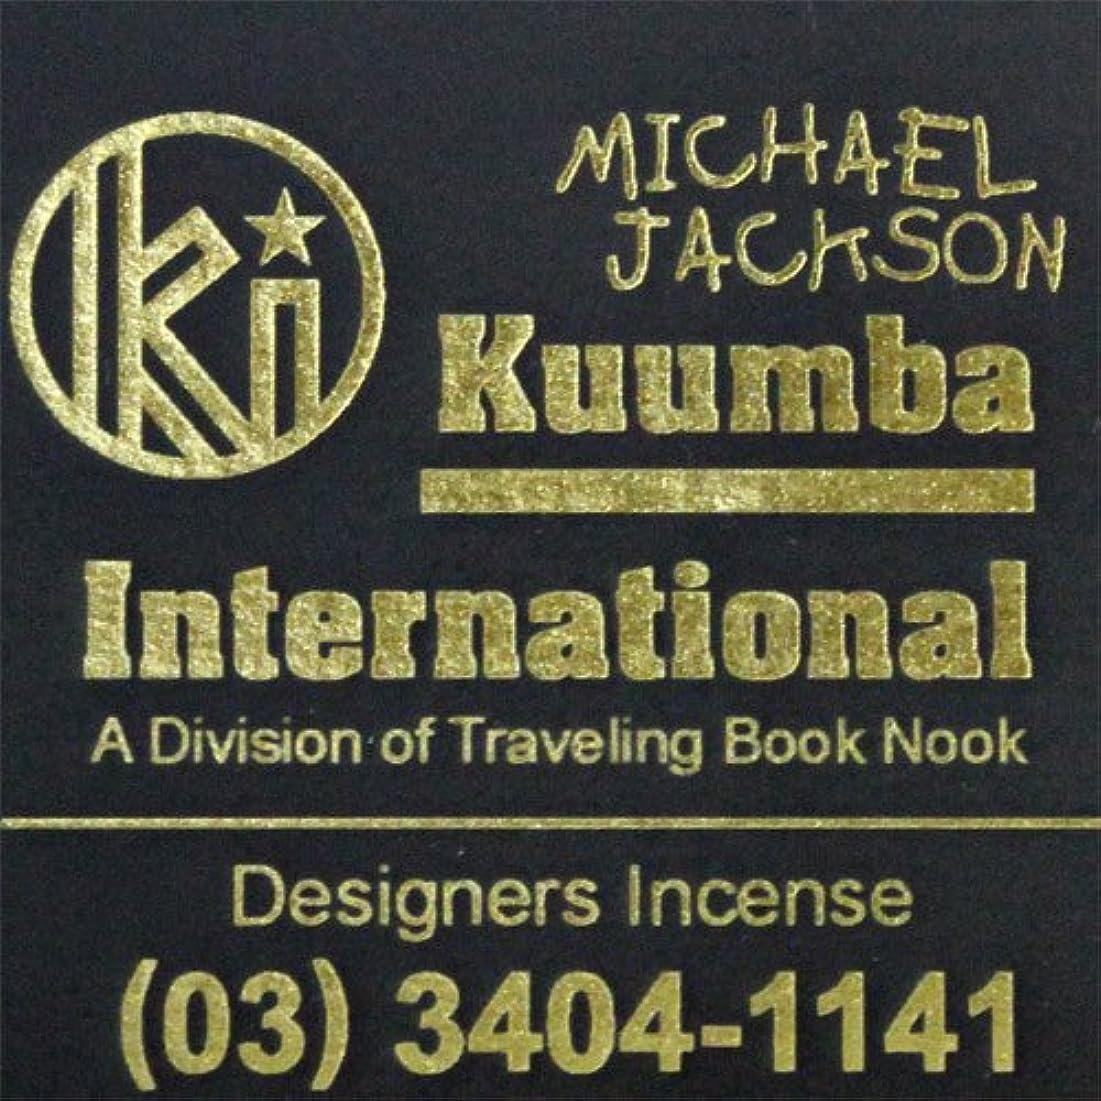 報復する恐怖移住する(クンバ) KUUMBA『incense』(MICHAEL JACKSON) (Regular size)